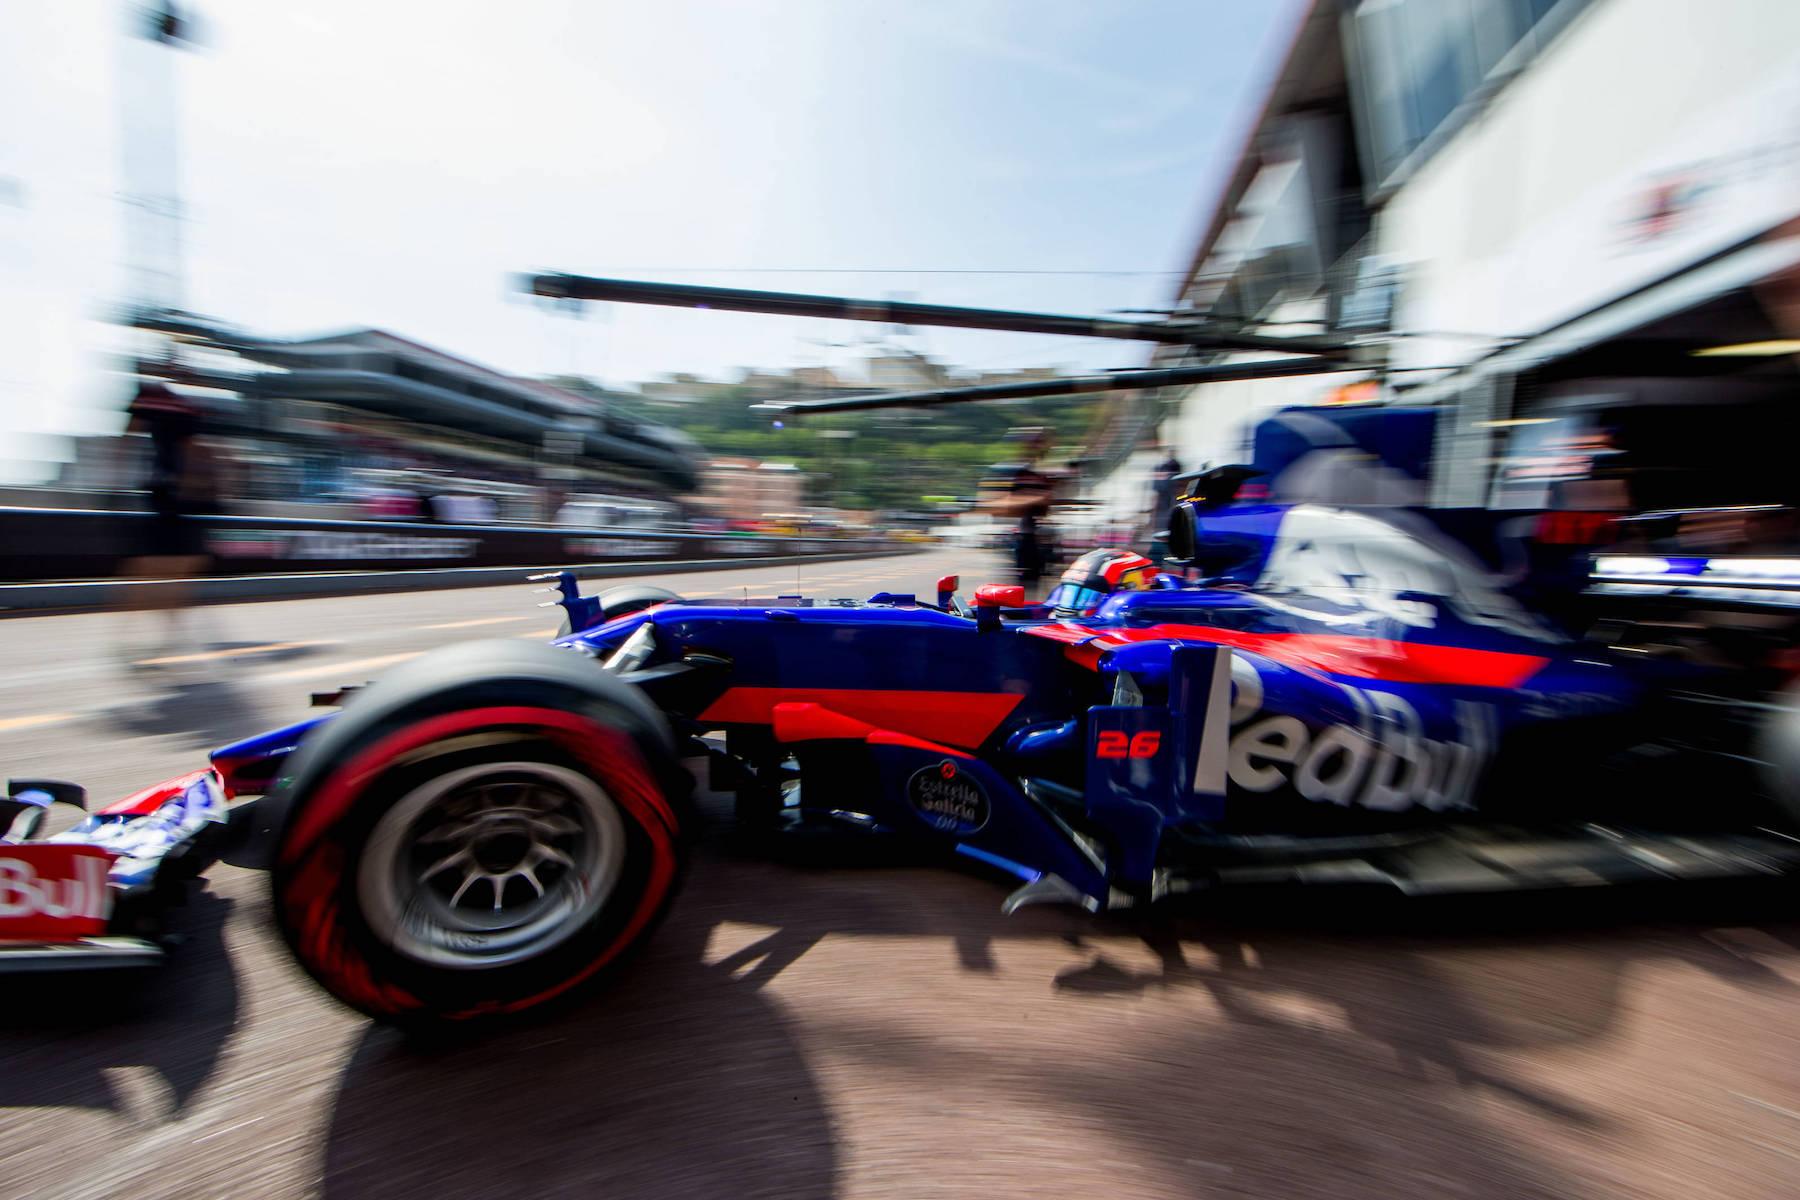 2017 Daniil Kvyat | Toro Rosso STR12 | 2017 Monaco GP Q3 1 copy.jpg